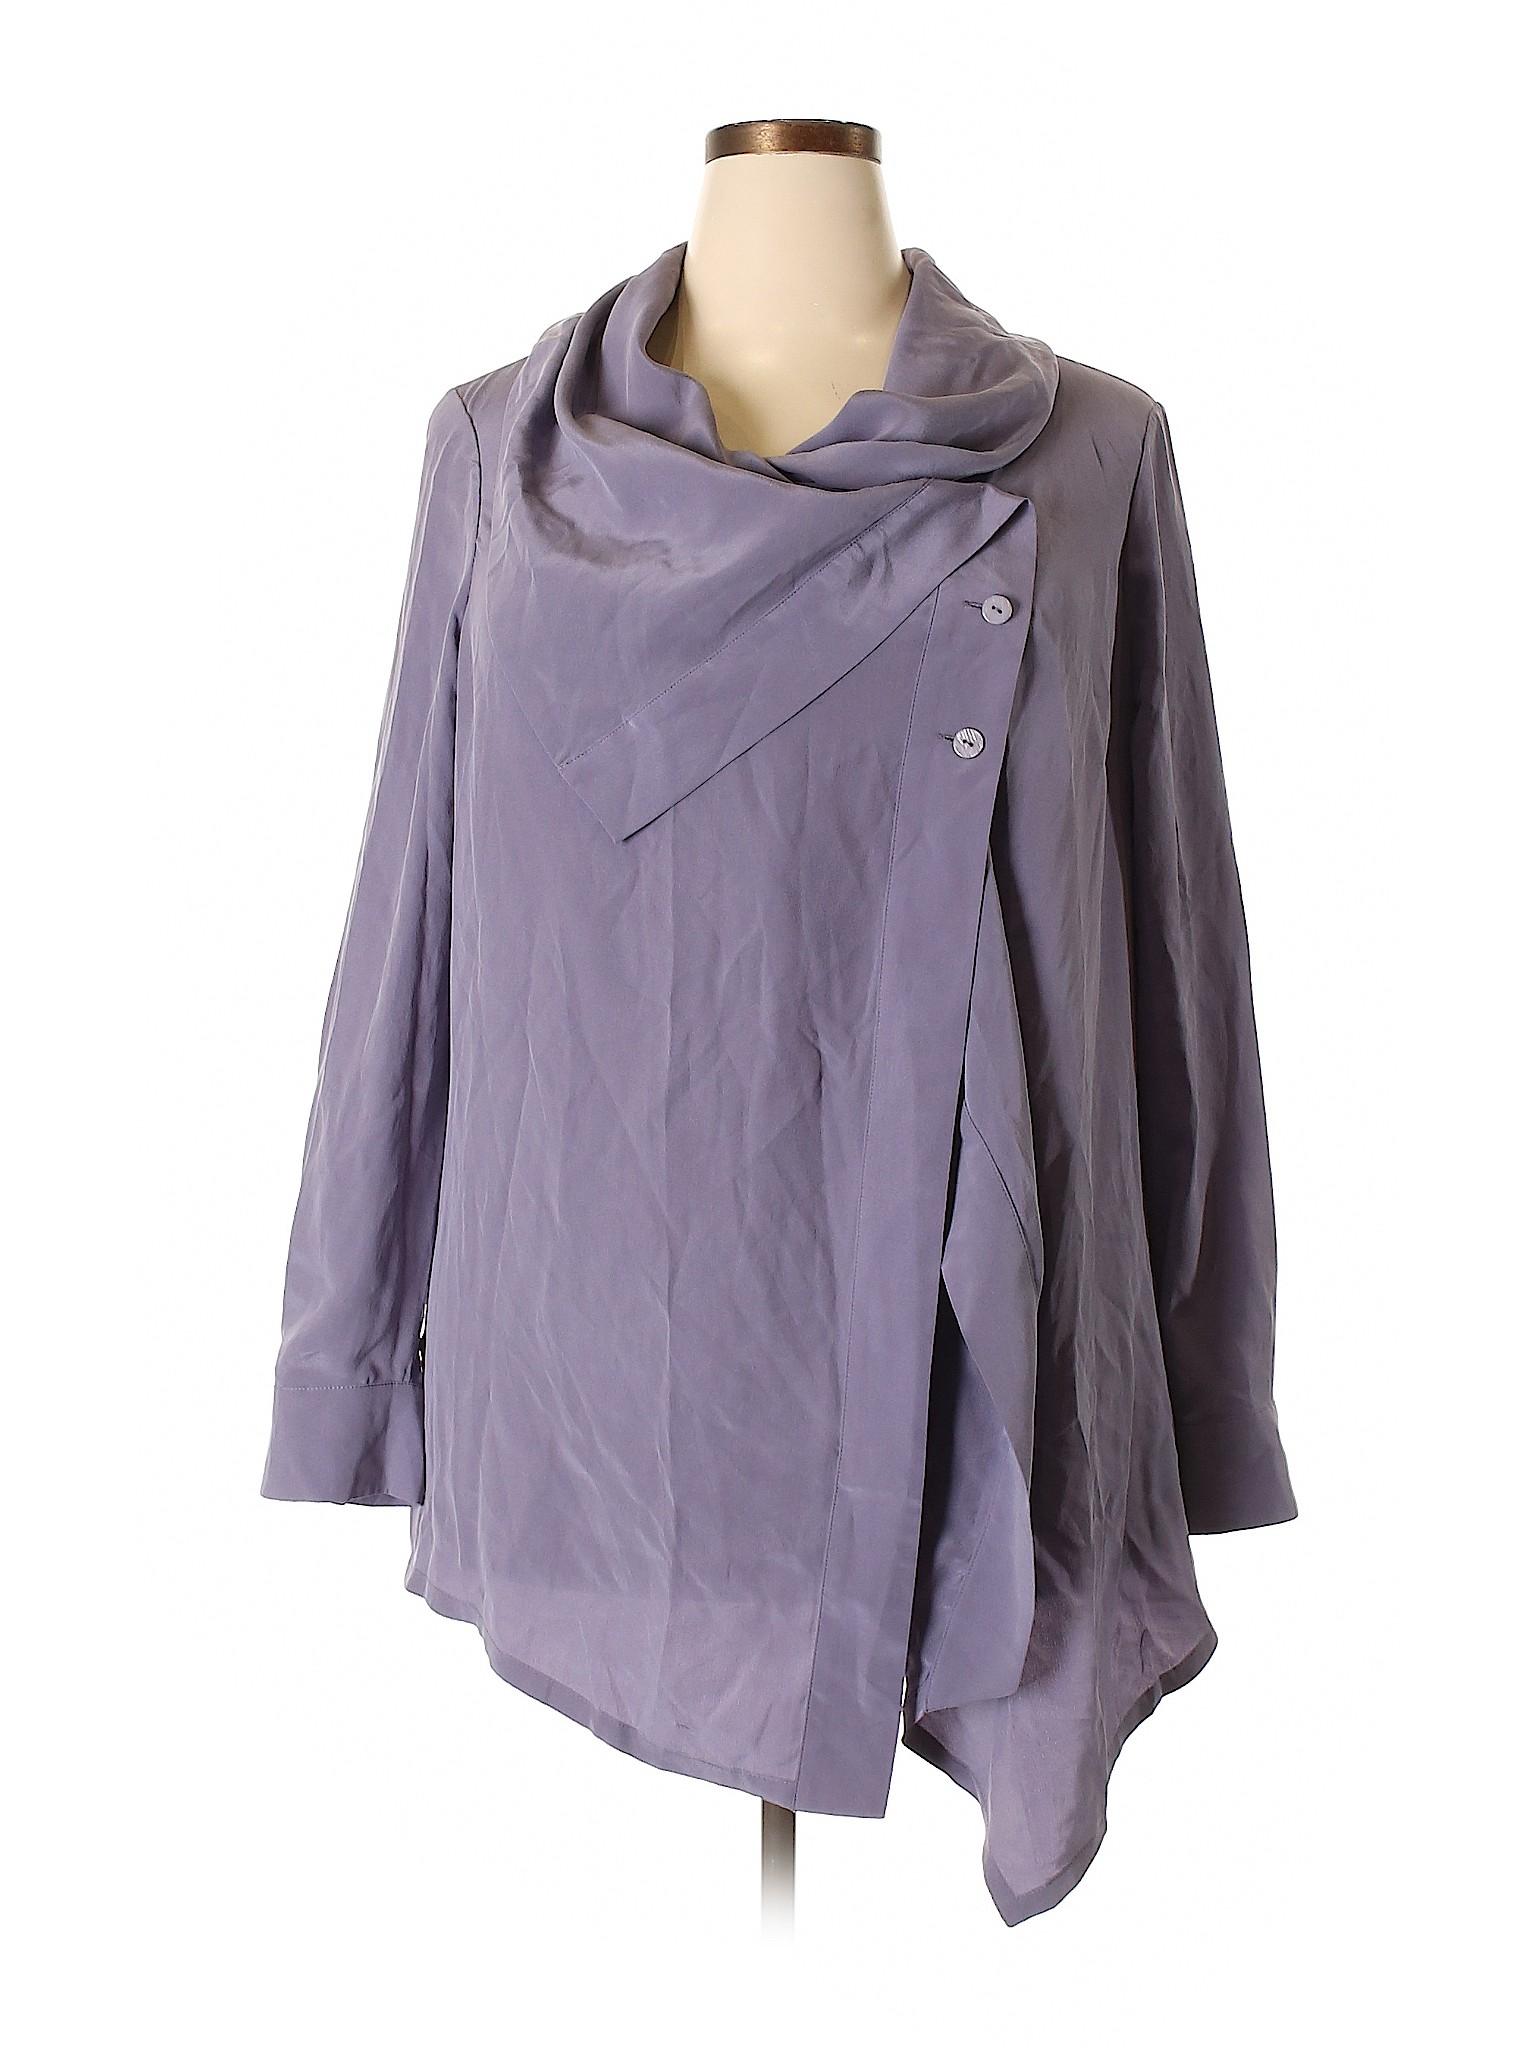 Boutique winter Silk Cardigan Surroundings Soft 81Uw84q